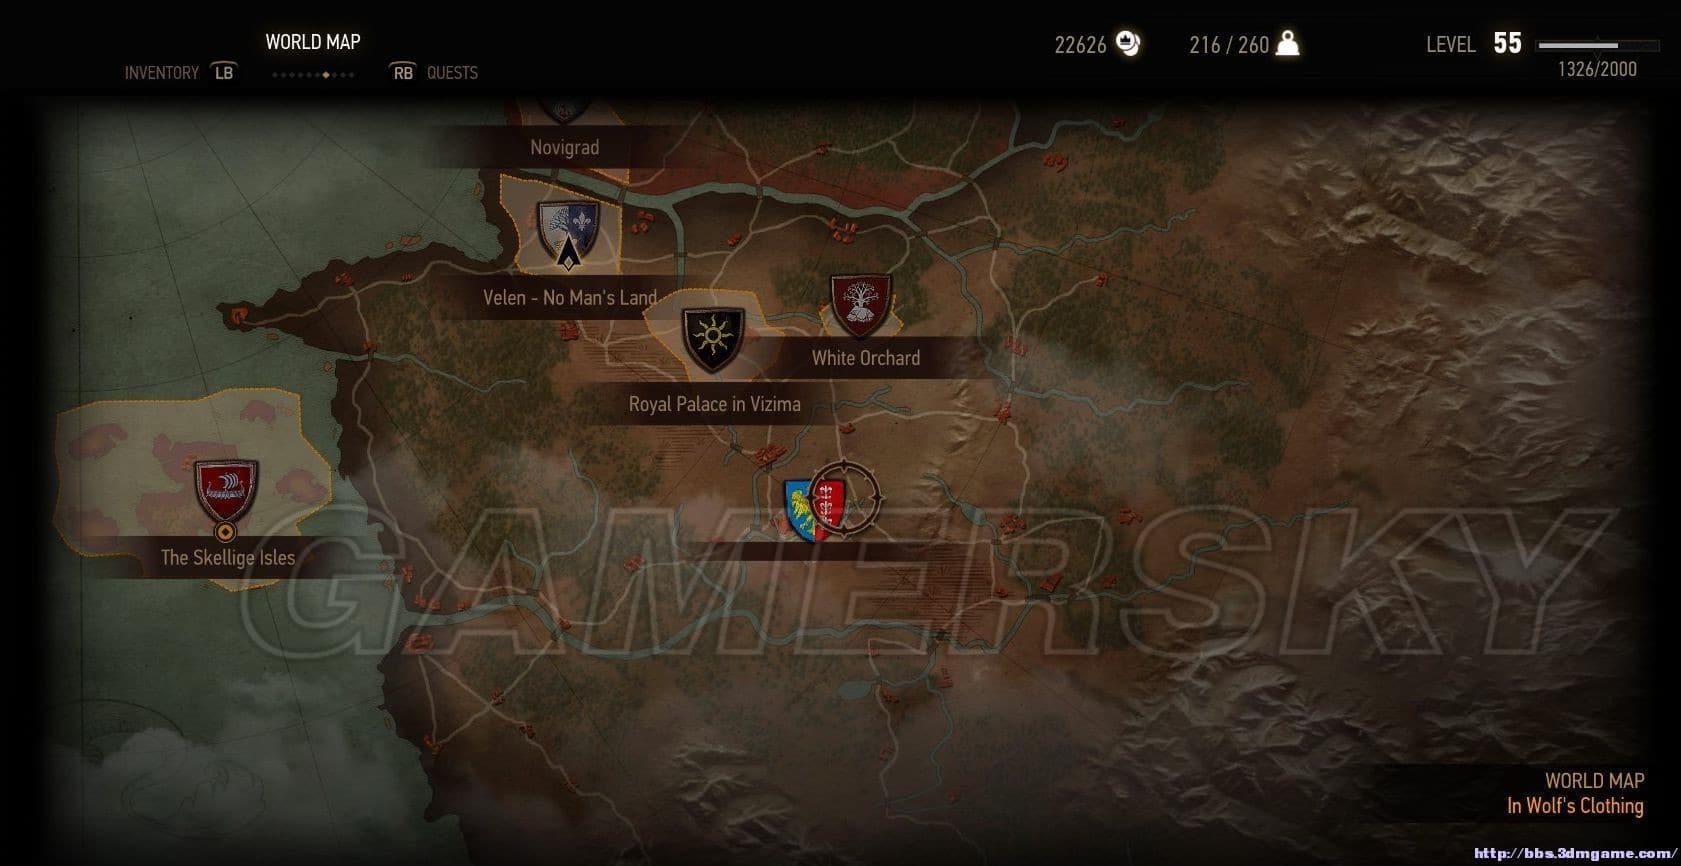 巫師3 DLC血與酒地圖 DLC血與酒陶森特公國地圖介紹